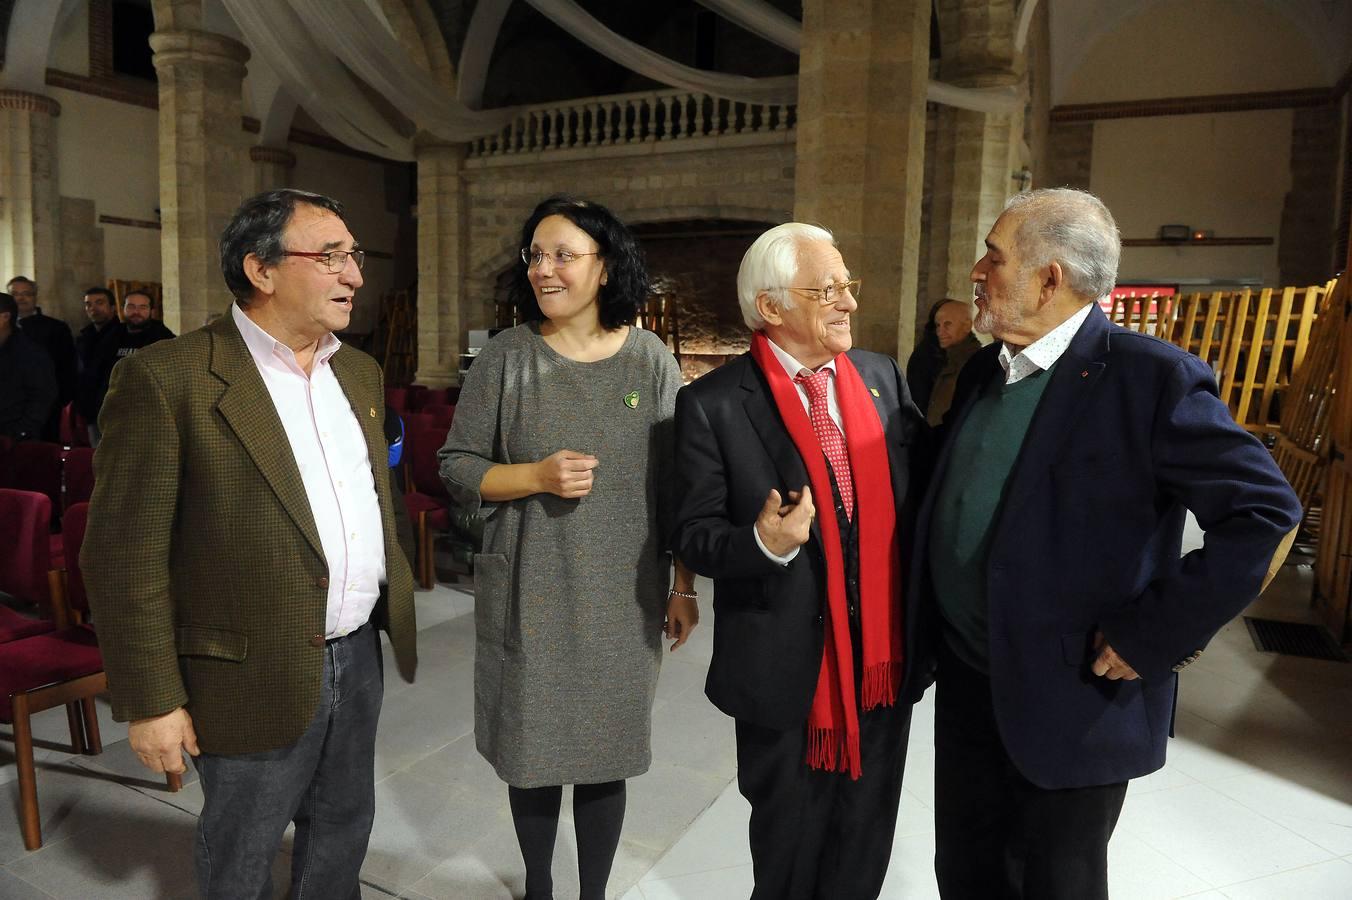 El padre Ángel participa en Villalar en el ciclo sobre la paz que organzia el Ayuntamiento